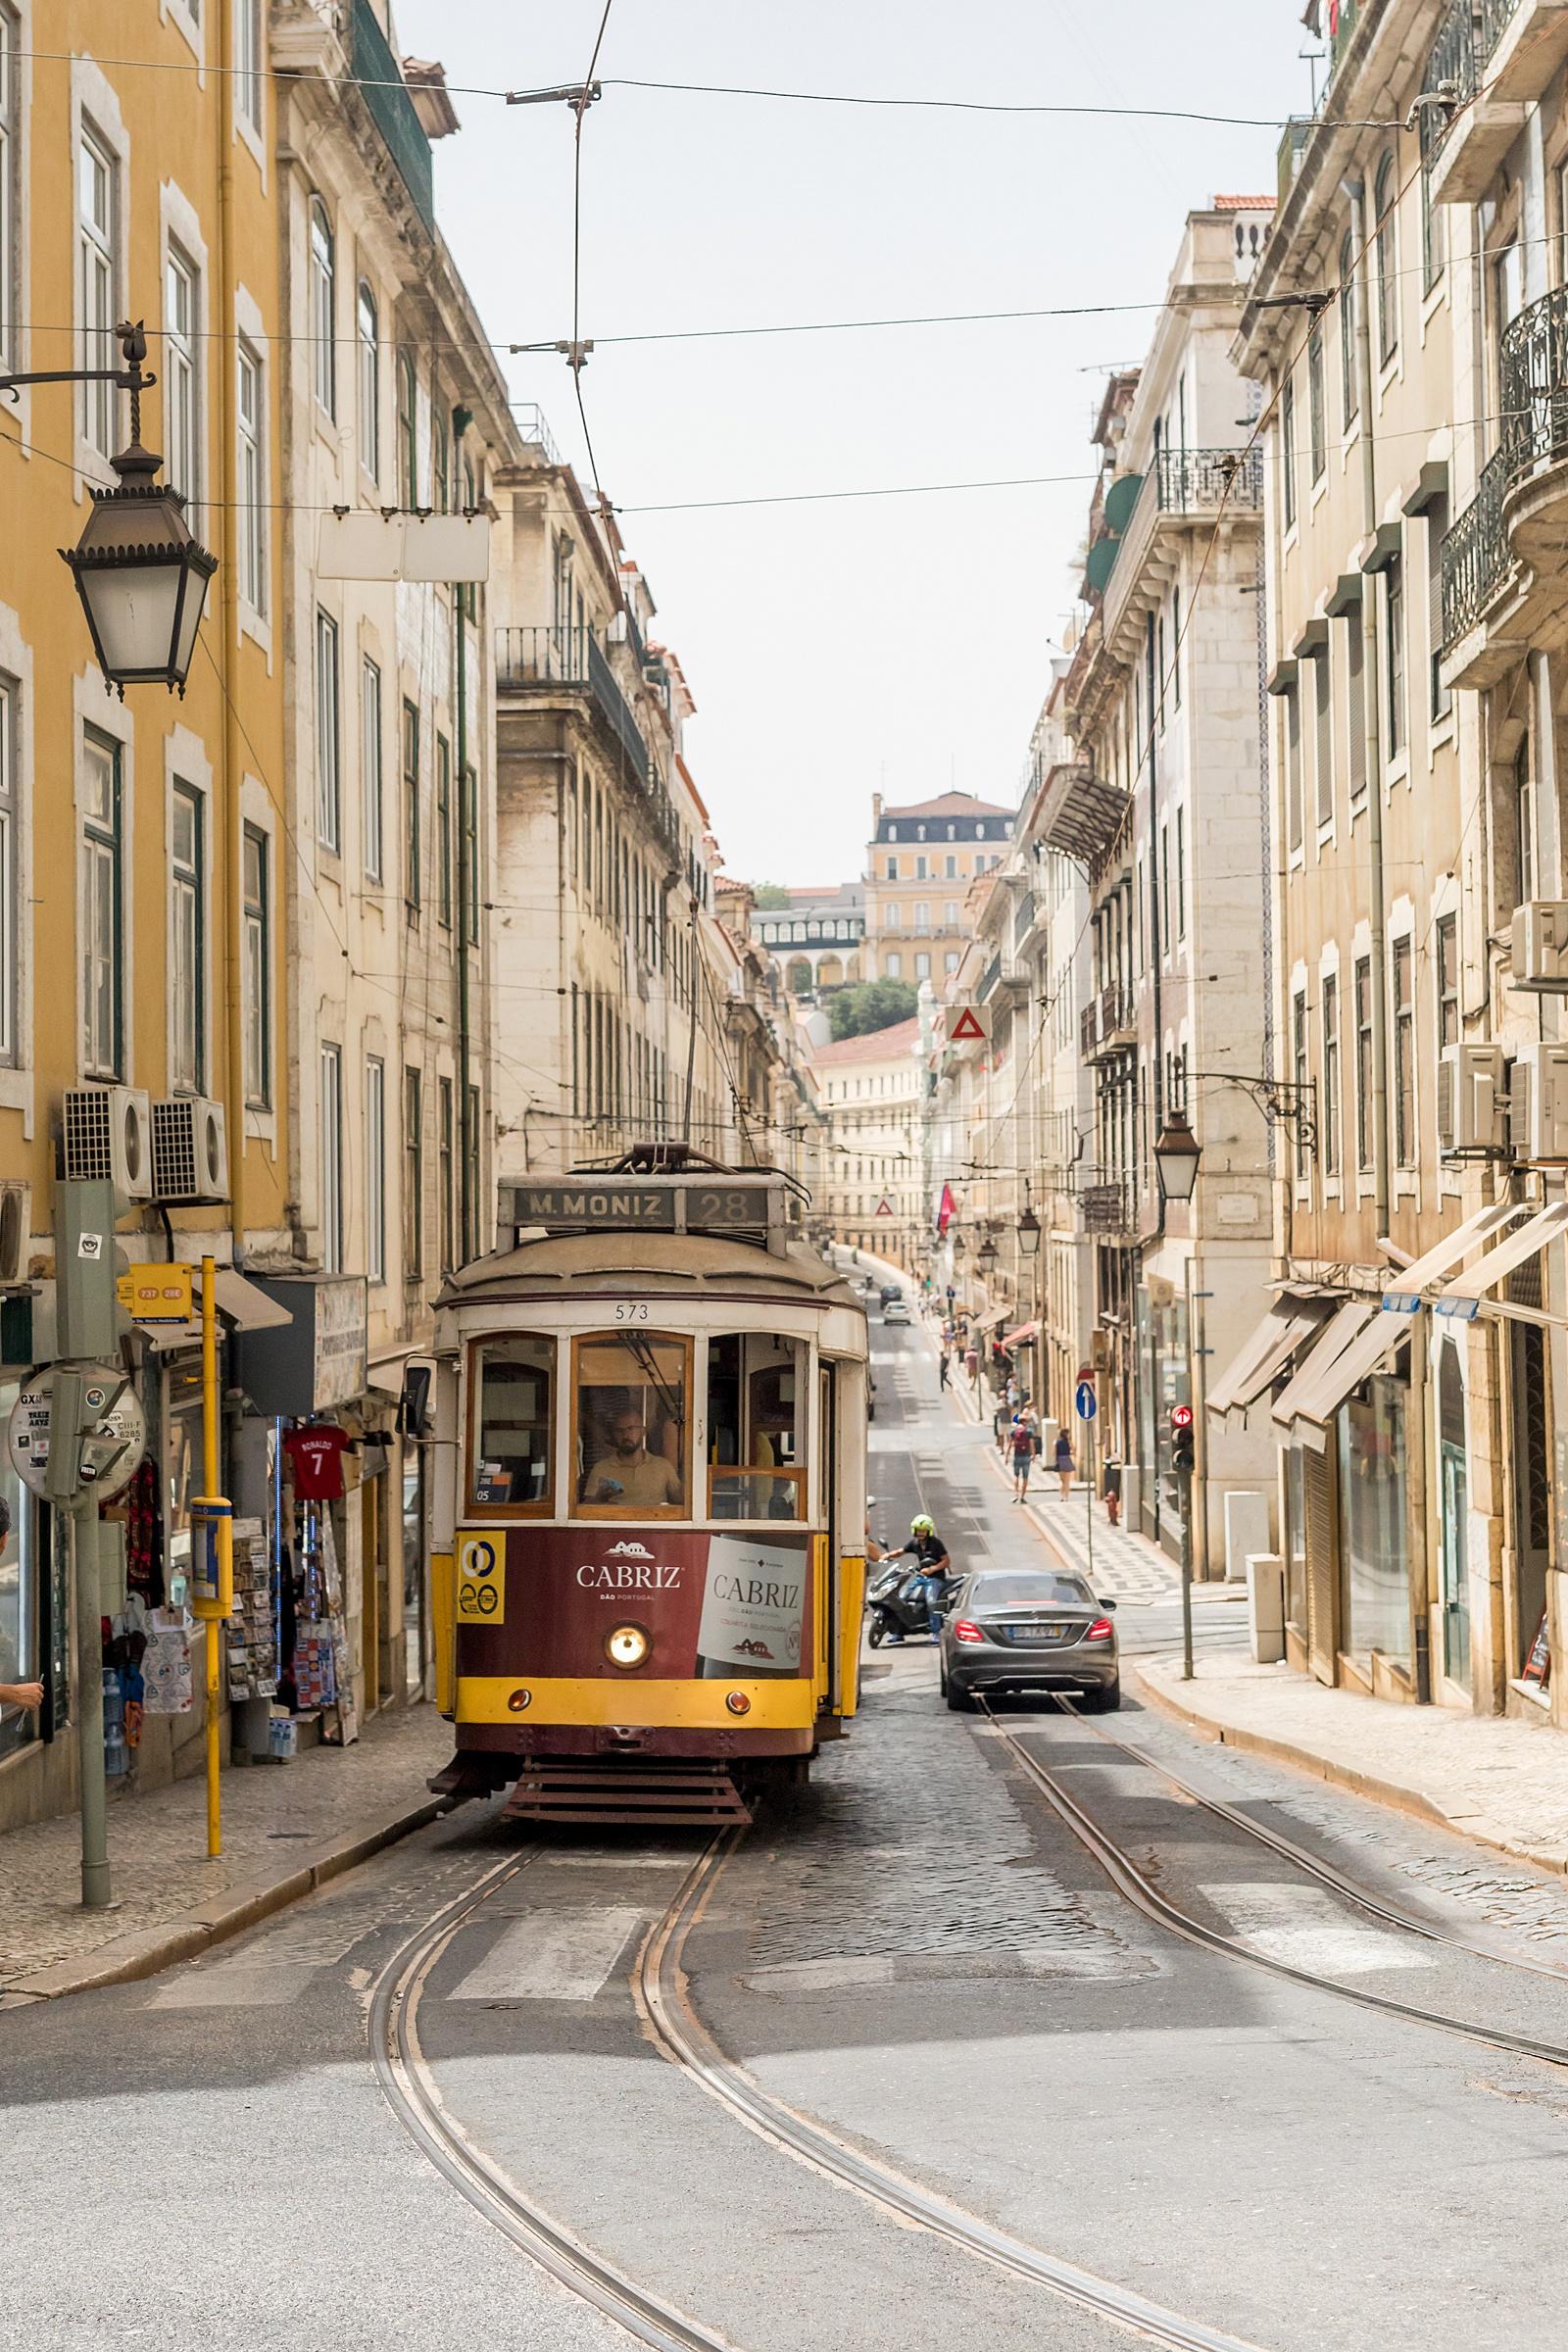 28 Tram, Lisbon